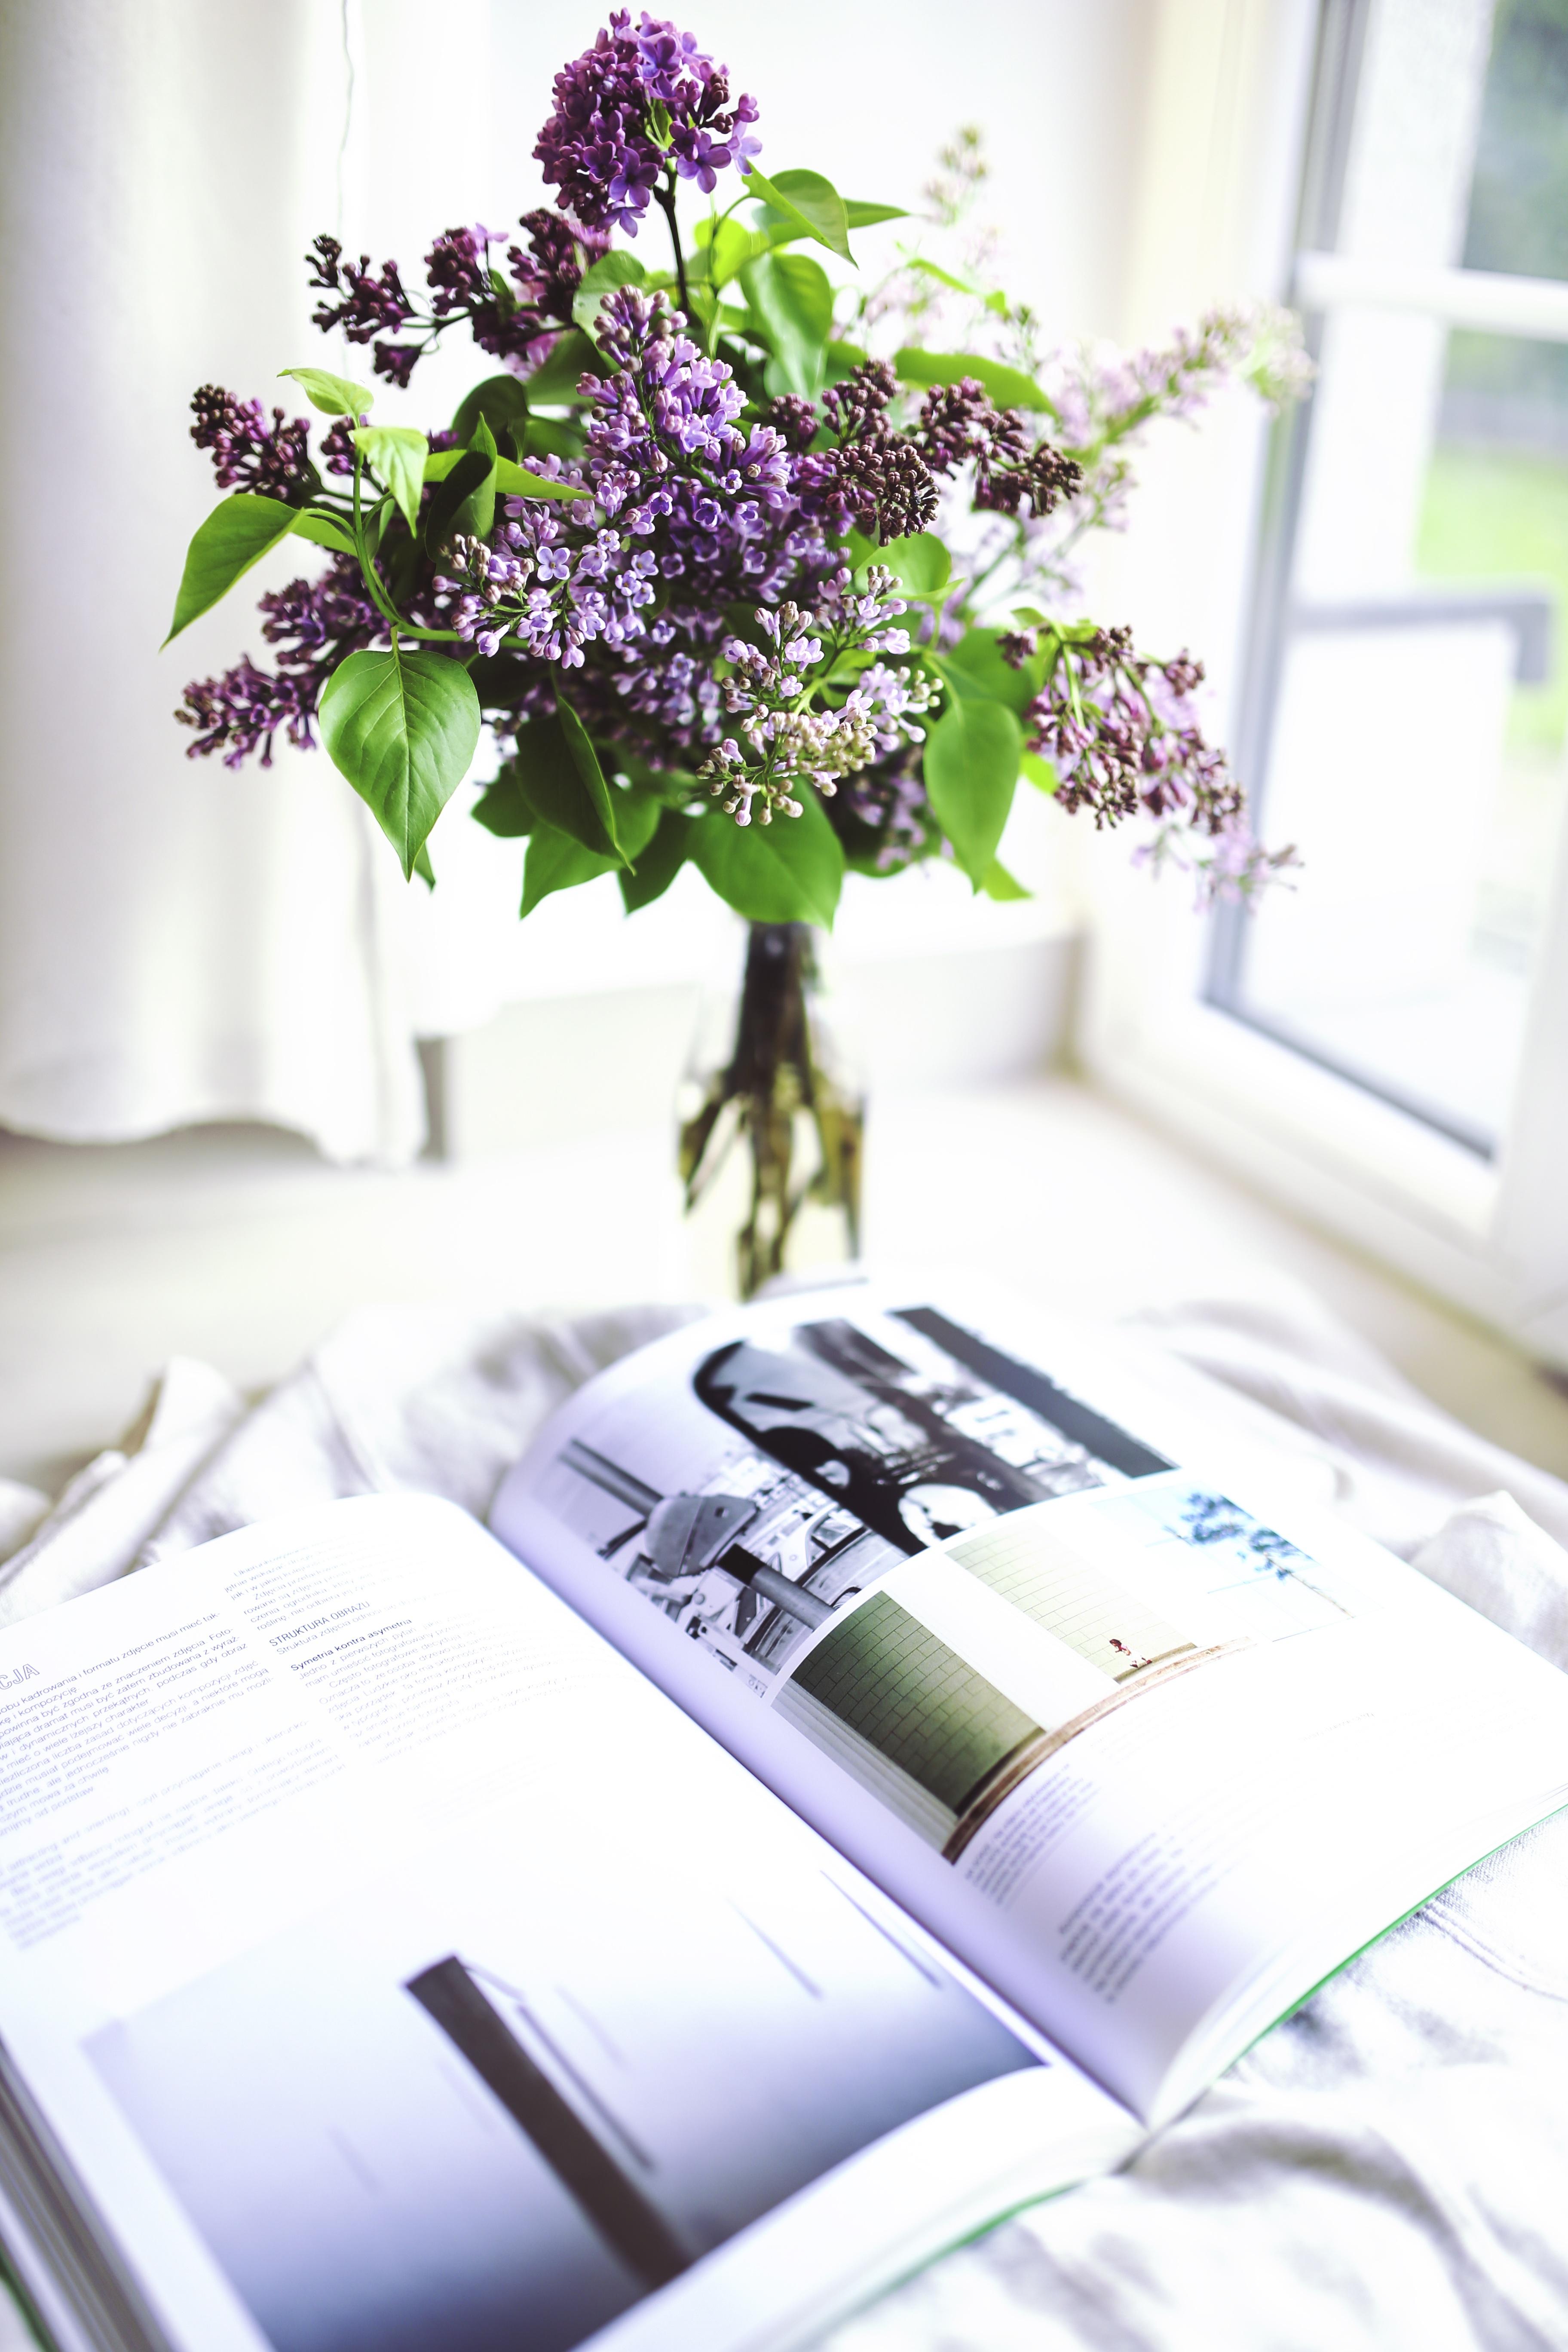 Kostenlose Foto Buch Pflanze Blume Lila Zeitung